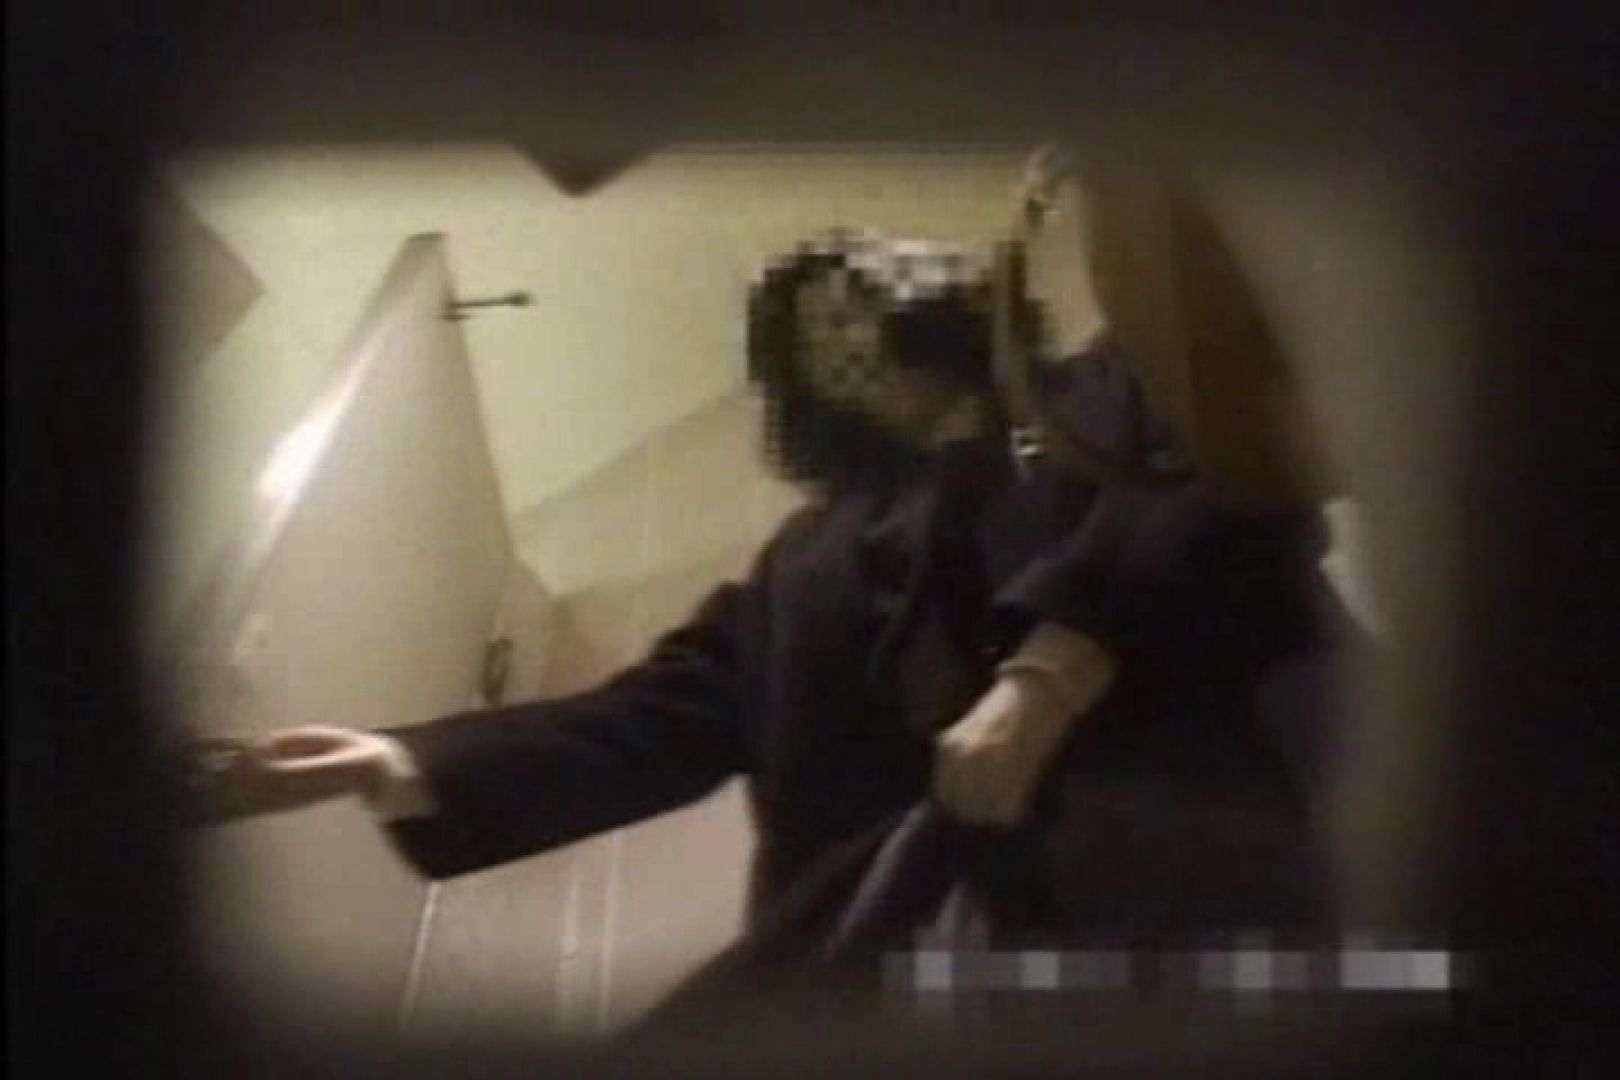 STY-013 実録!2カメde女子洗面所 名作 AV動画キャプチャ 113pic 109